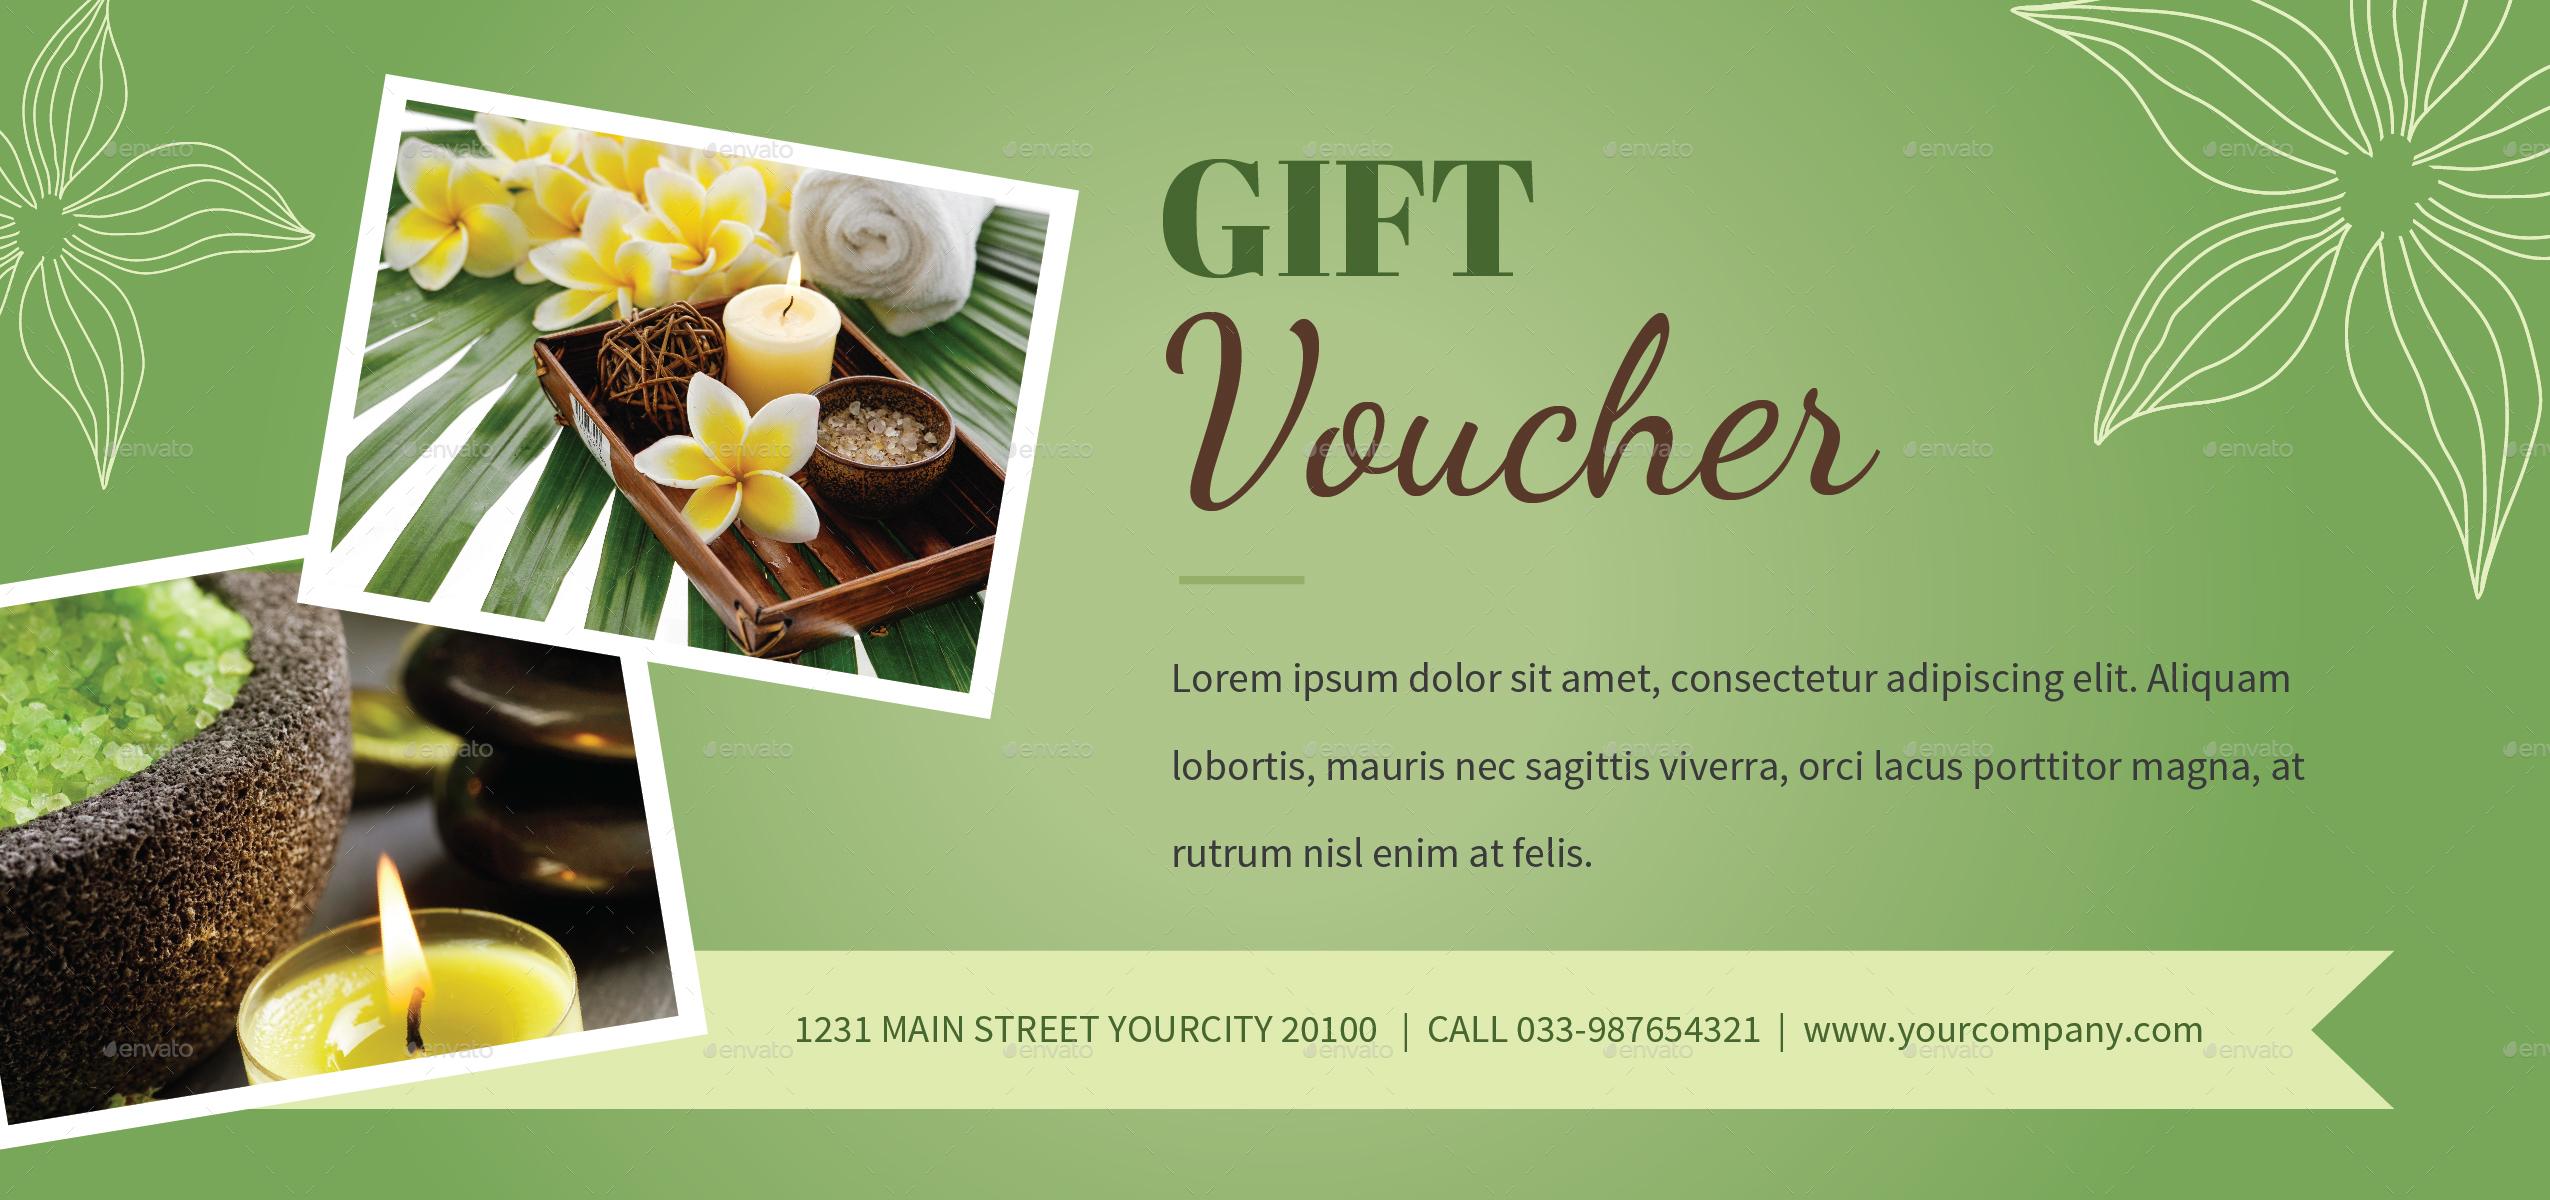 Spa Gift Voucher Template 5006712 Hitori49fo